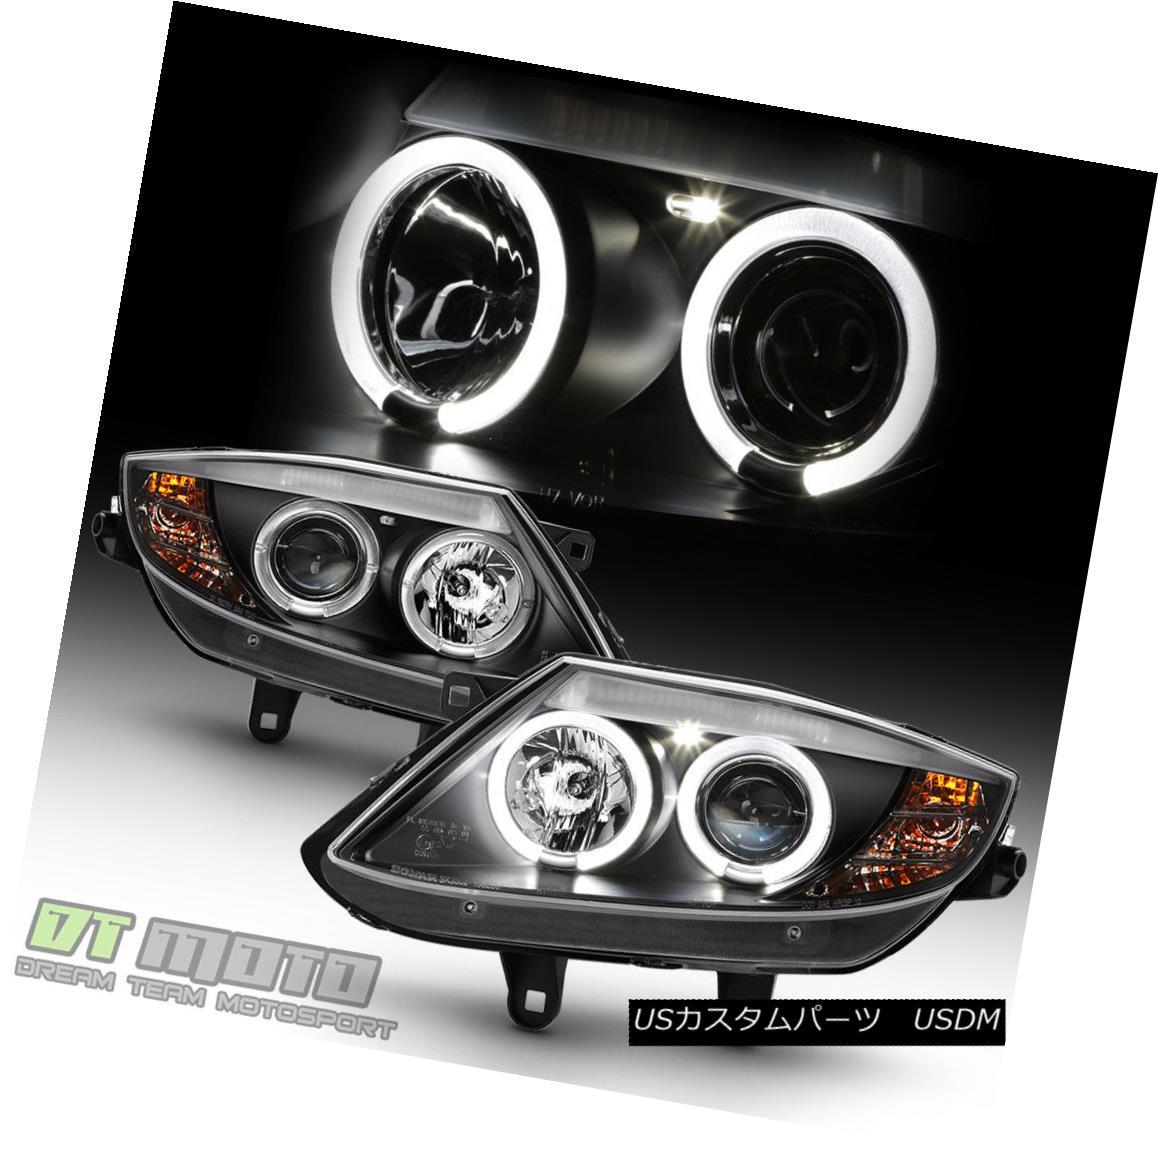 ヘッドライト 2003-2008 BMW Z4 Black LED Halo [HID Version] Projector Headlights Headlamps Set 2003-2008 BMW Z4 Black LED Halo [HIDバージョン]プロジェクターヘッドライトヘッドランプセット